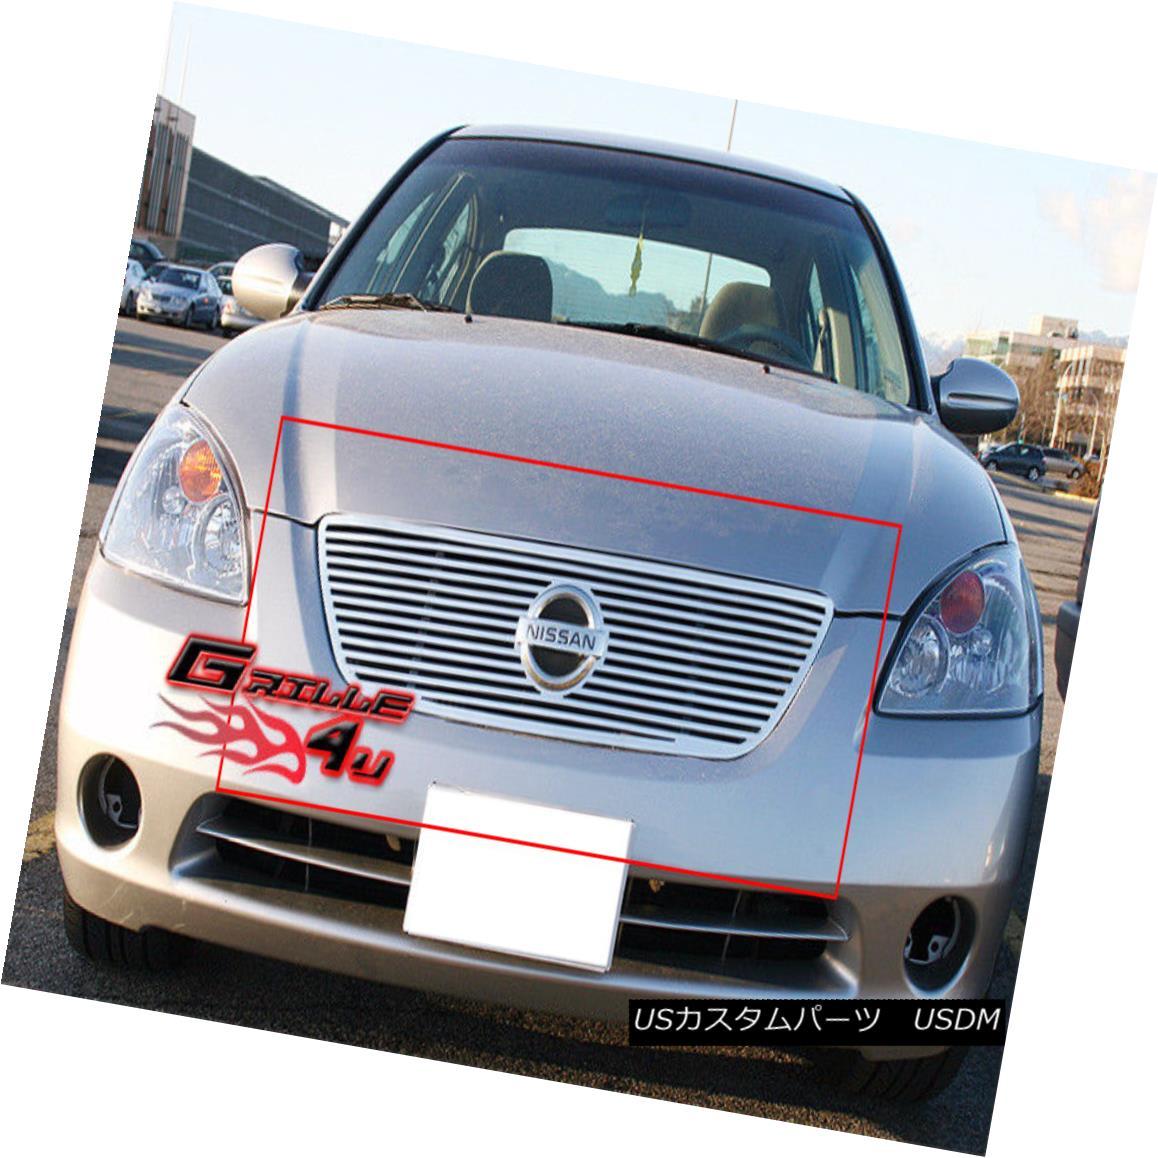 グリル For 02-04 Nissan Altima Perimeter Grille Insert 02-04日産アルティマペリメーターグリルインサート